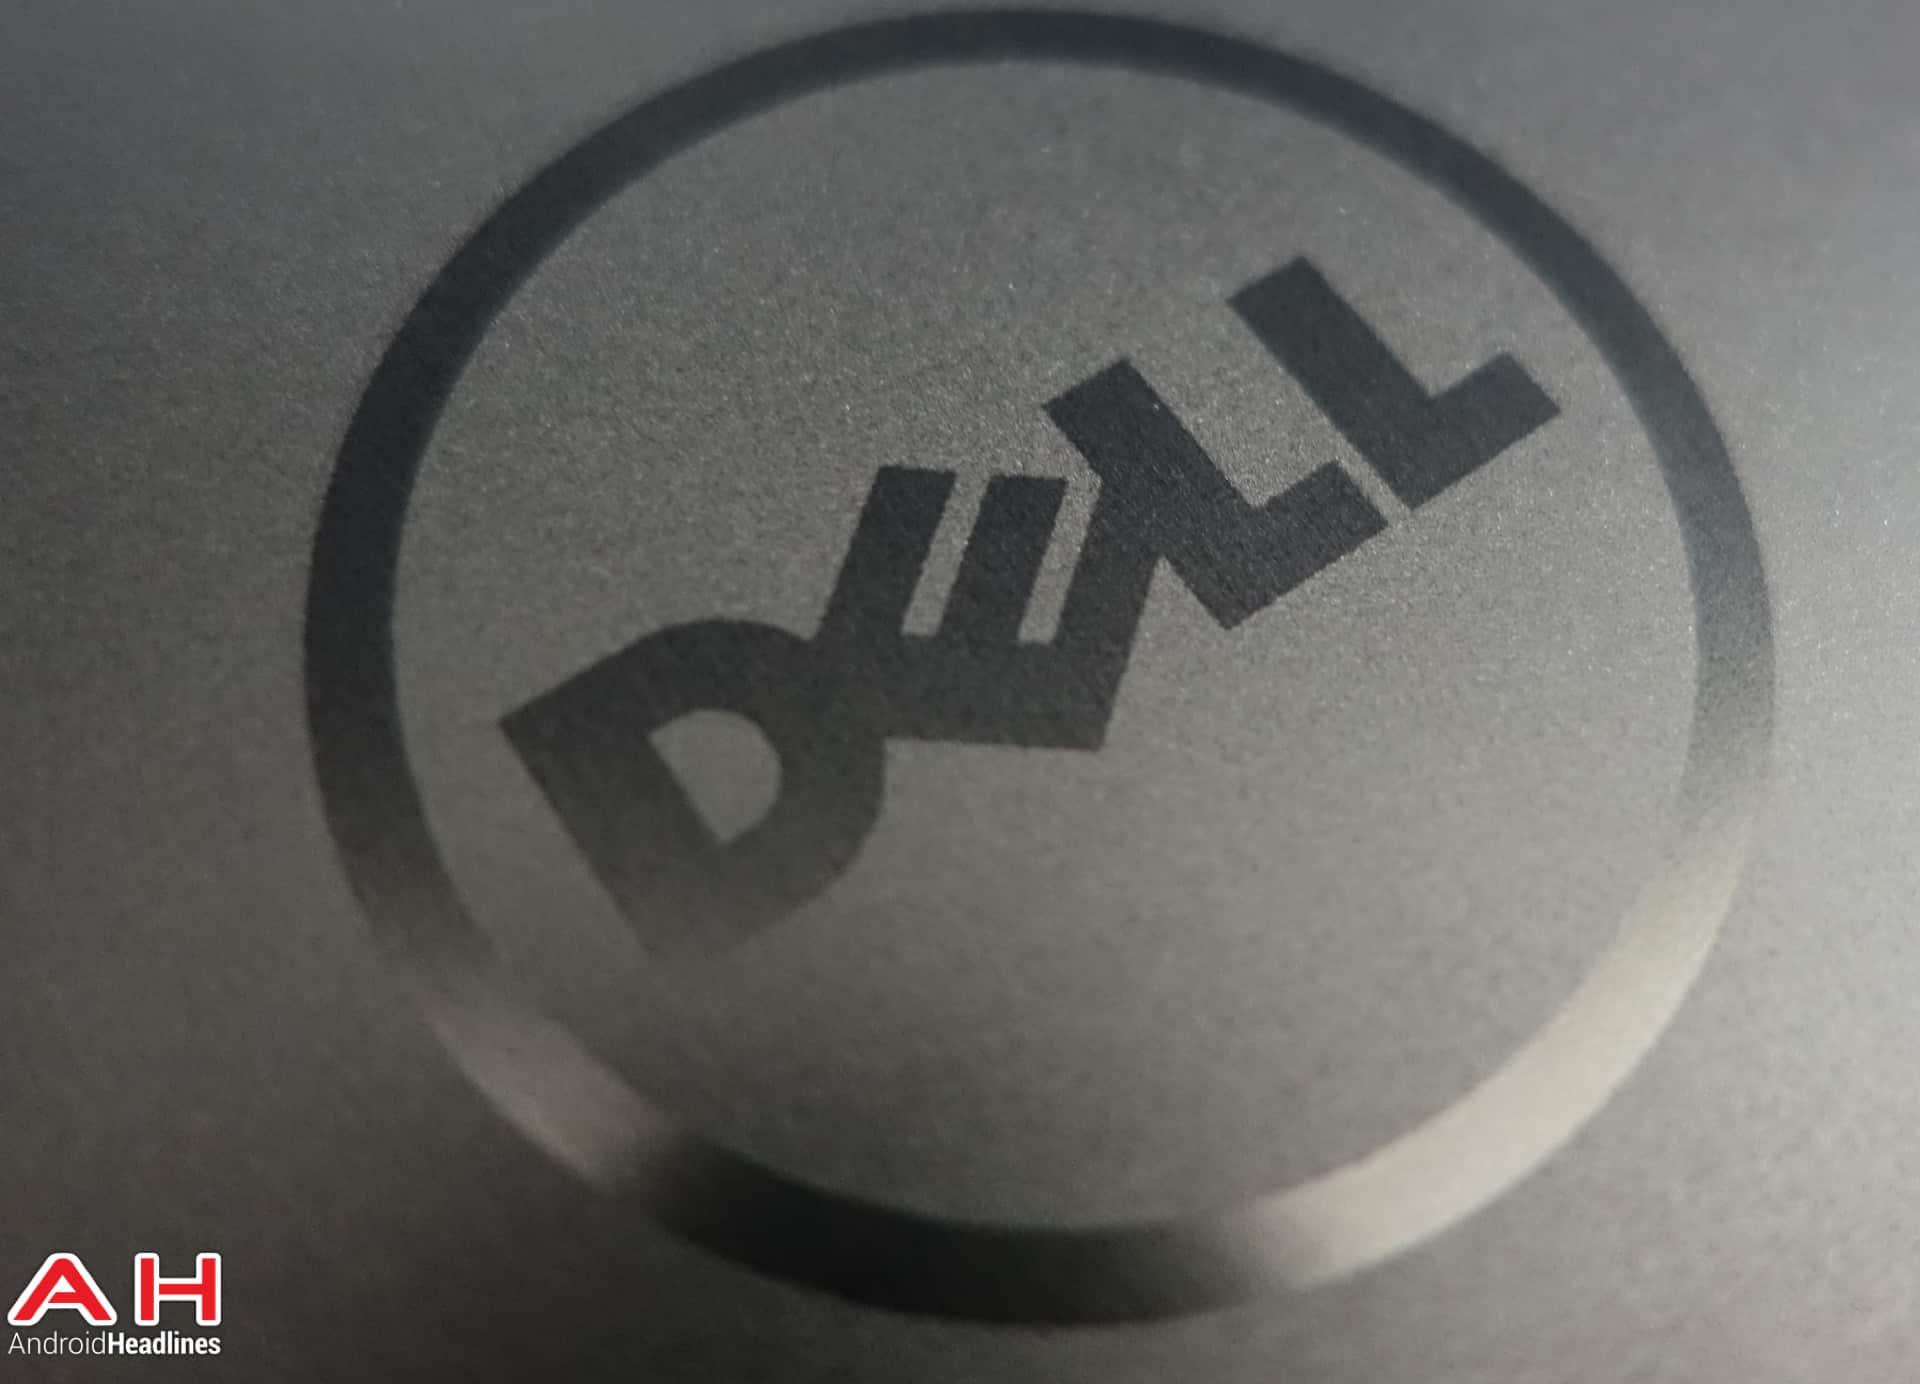 Dell-Logos-AH-03440